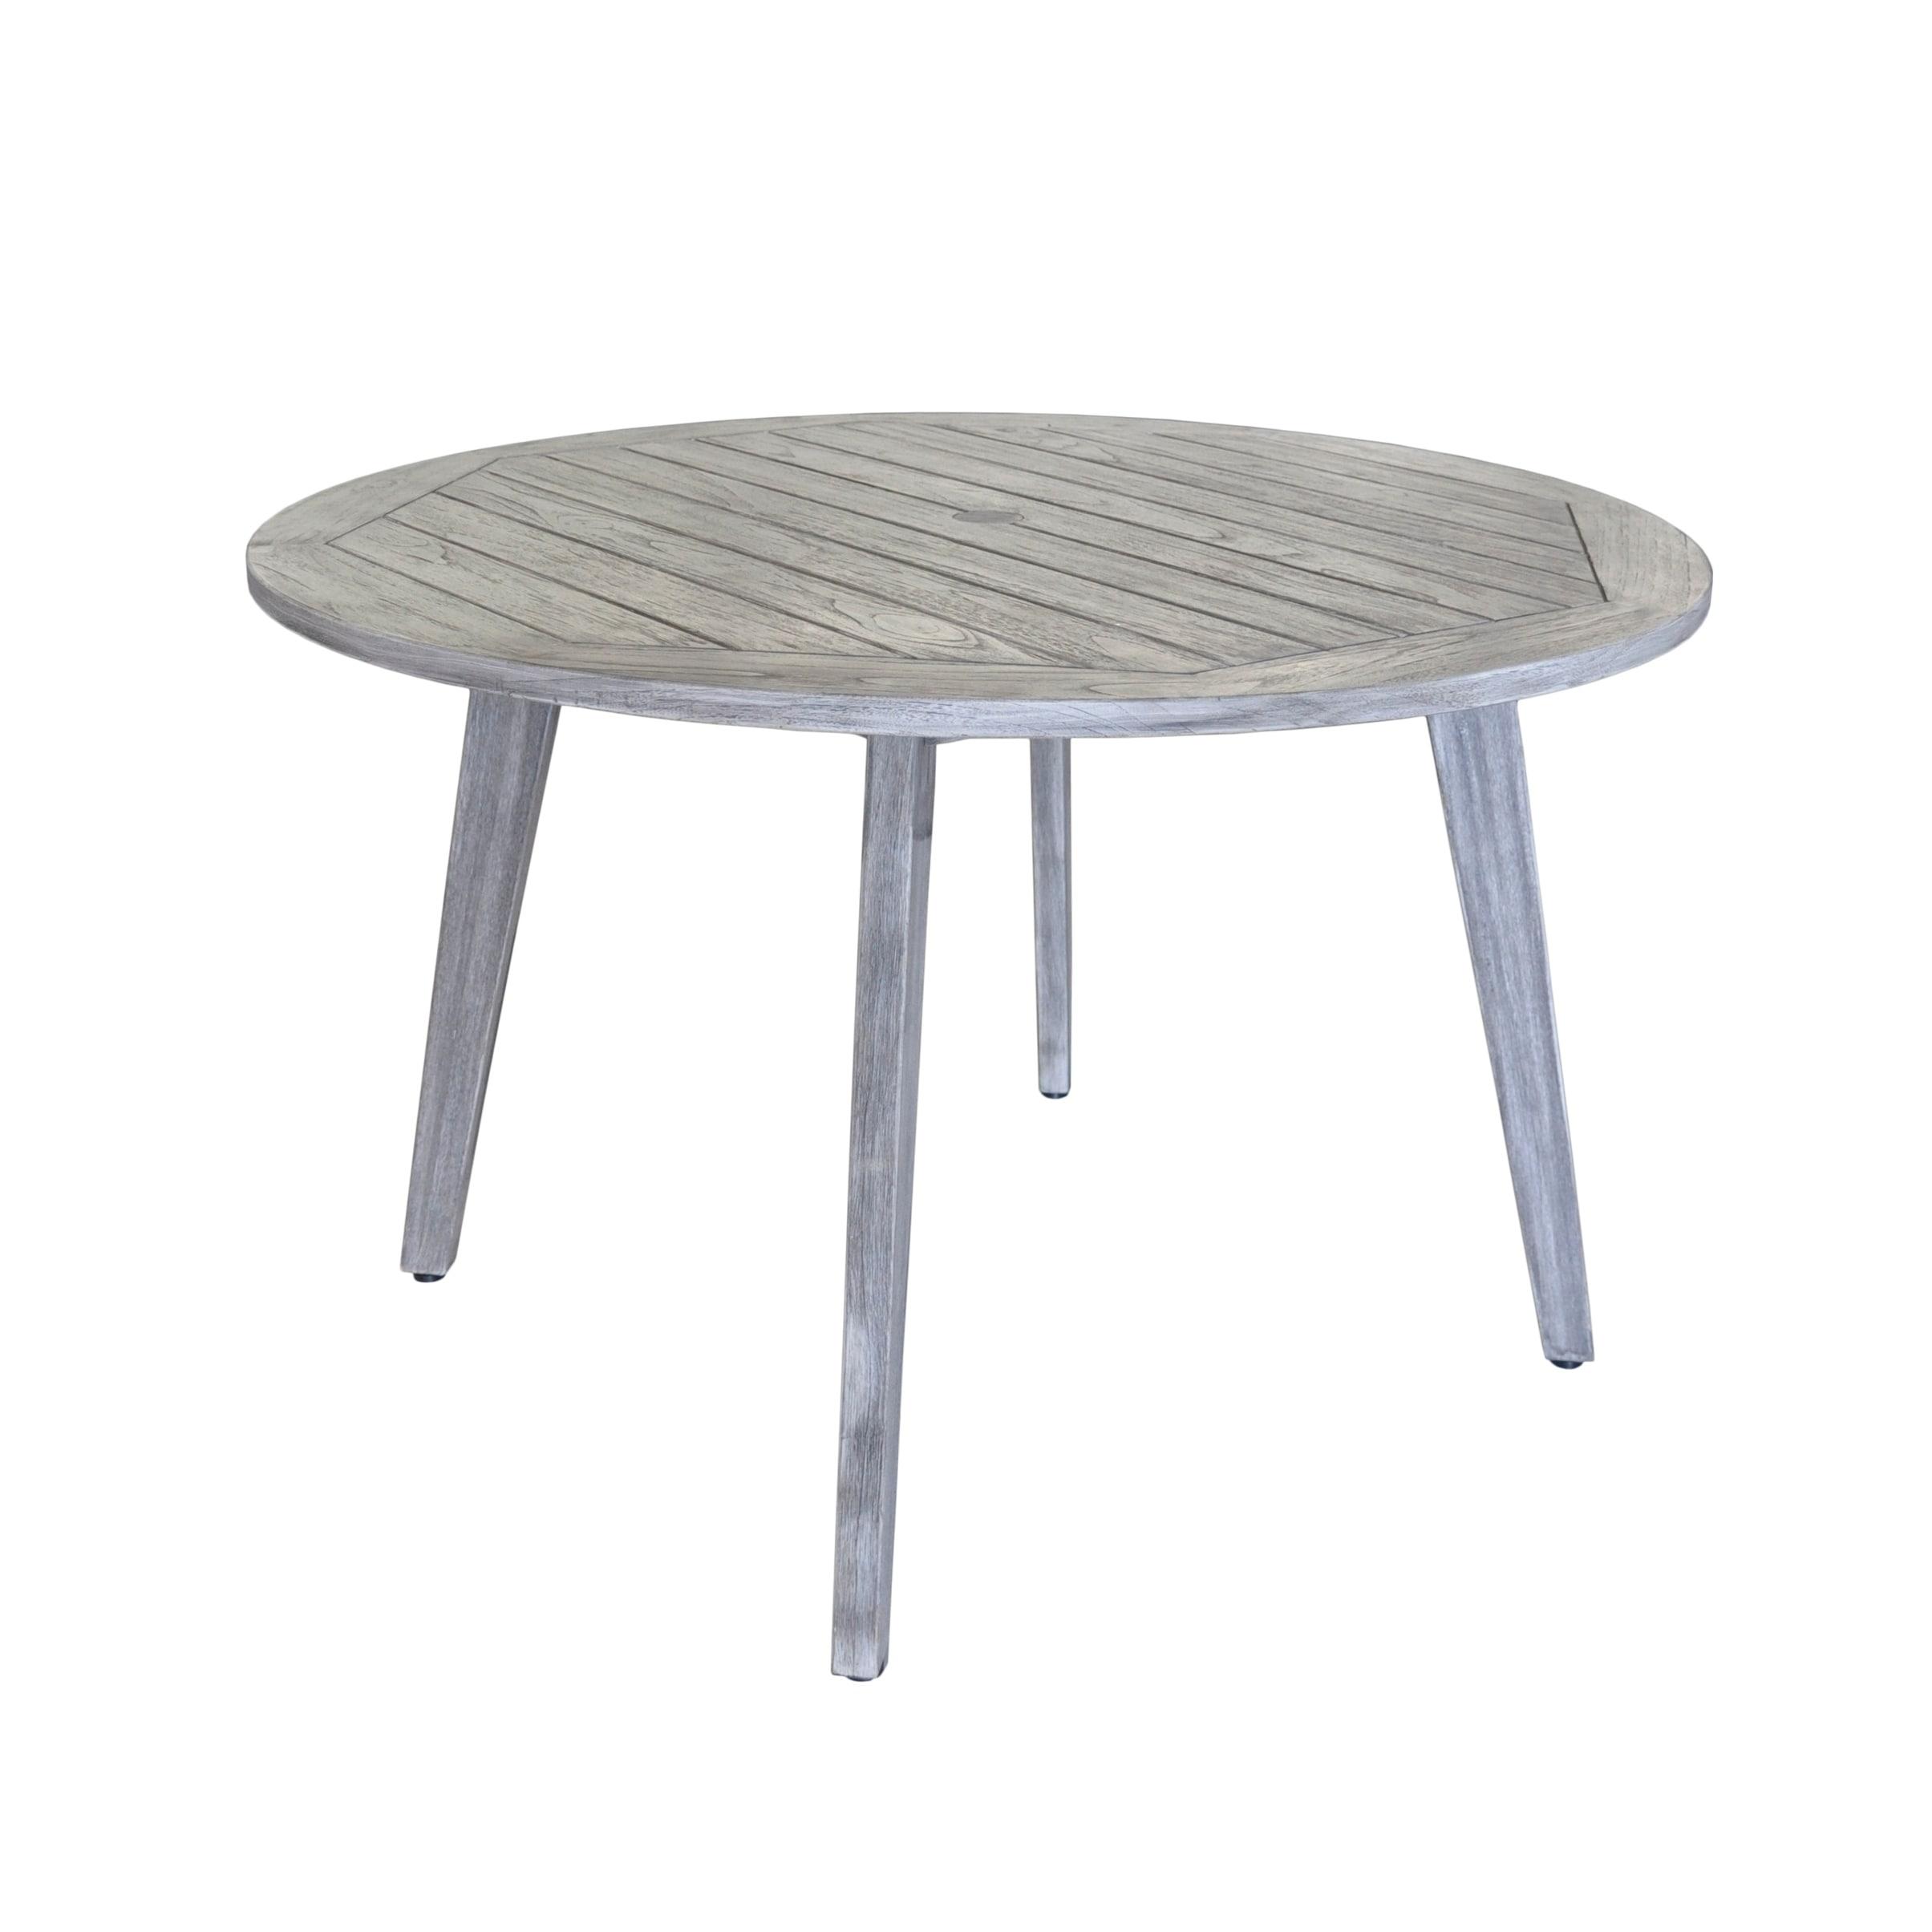 Shop Courtyard Casual Teak La Jolla Outdoor Dining Table W Umbrella - White outdoor dining table with umbrella hole